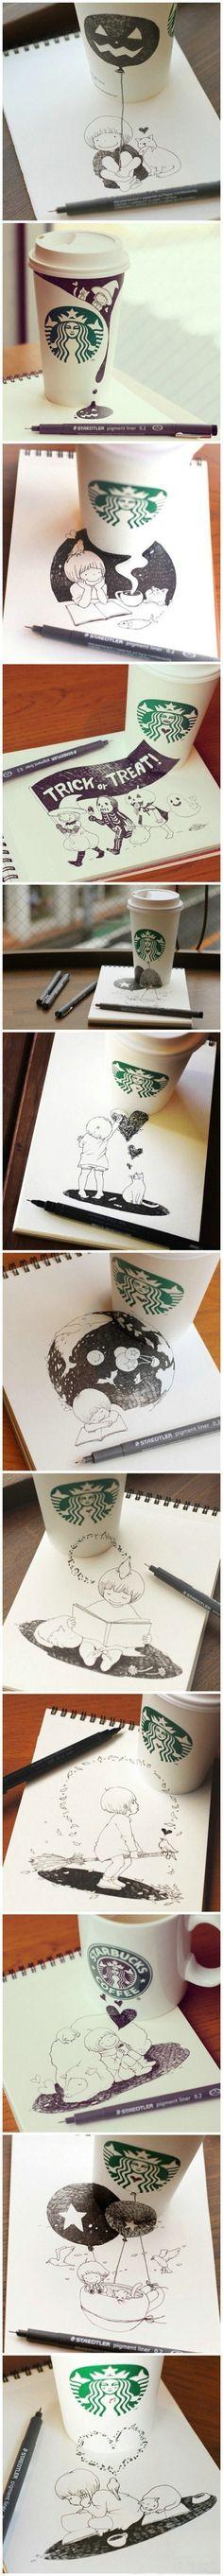 【咖啡的奇幻世界】日本插画家Tomoko Shintani 在喝完咖啡的时候就会做起他的老本行就地取材,看看他的作品吧!下次再喝咖啡的时候,顺便拿一支画笔,随时变身艺术家吧!「转」 . 3292 ^ Welcome To My Website: http://www.aliexpress.com/store/919173